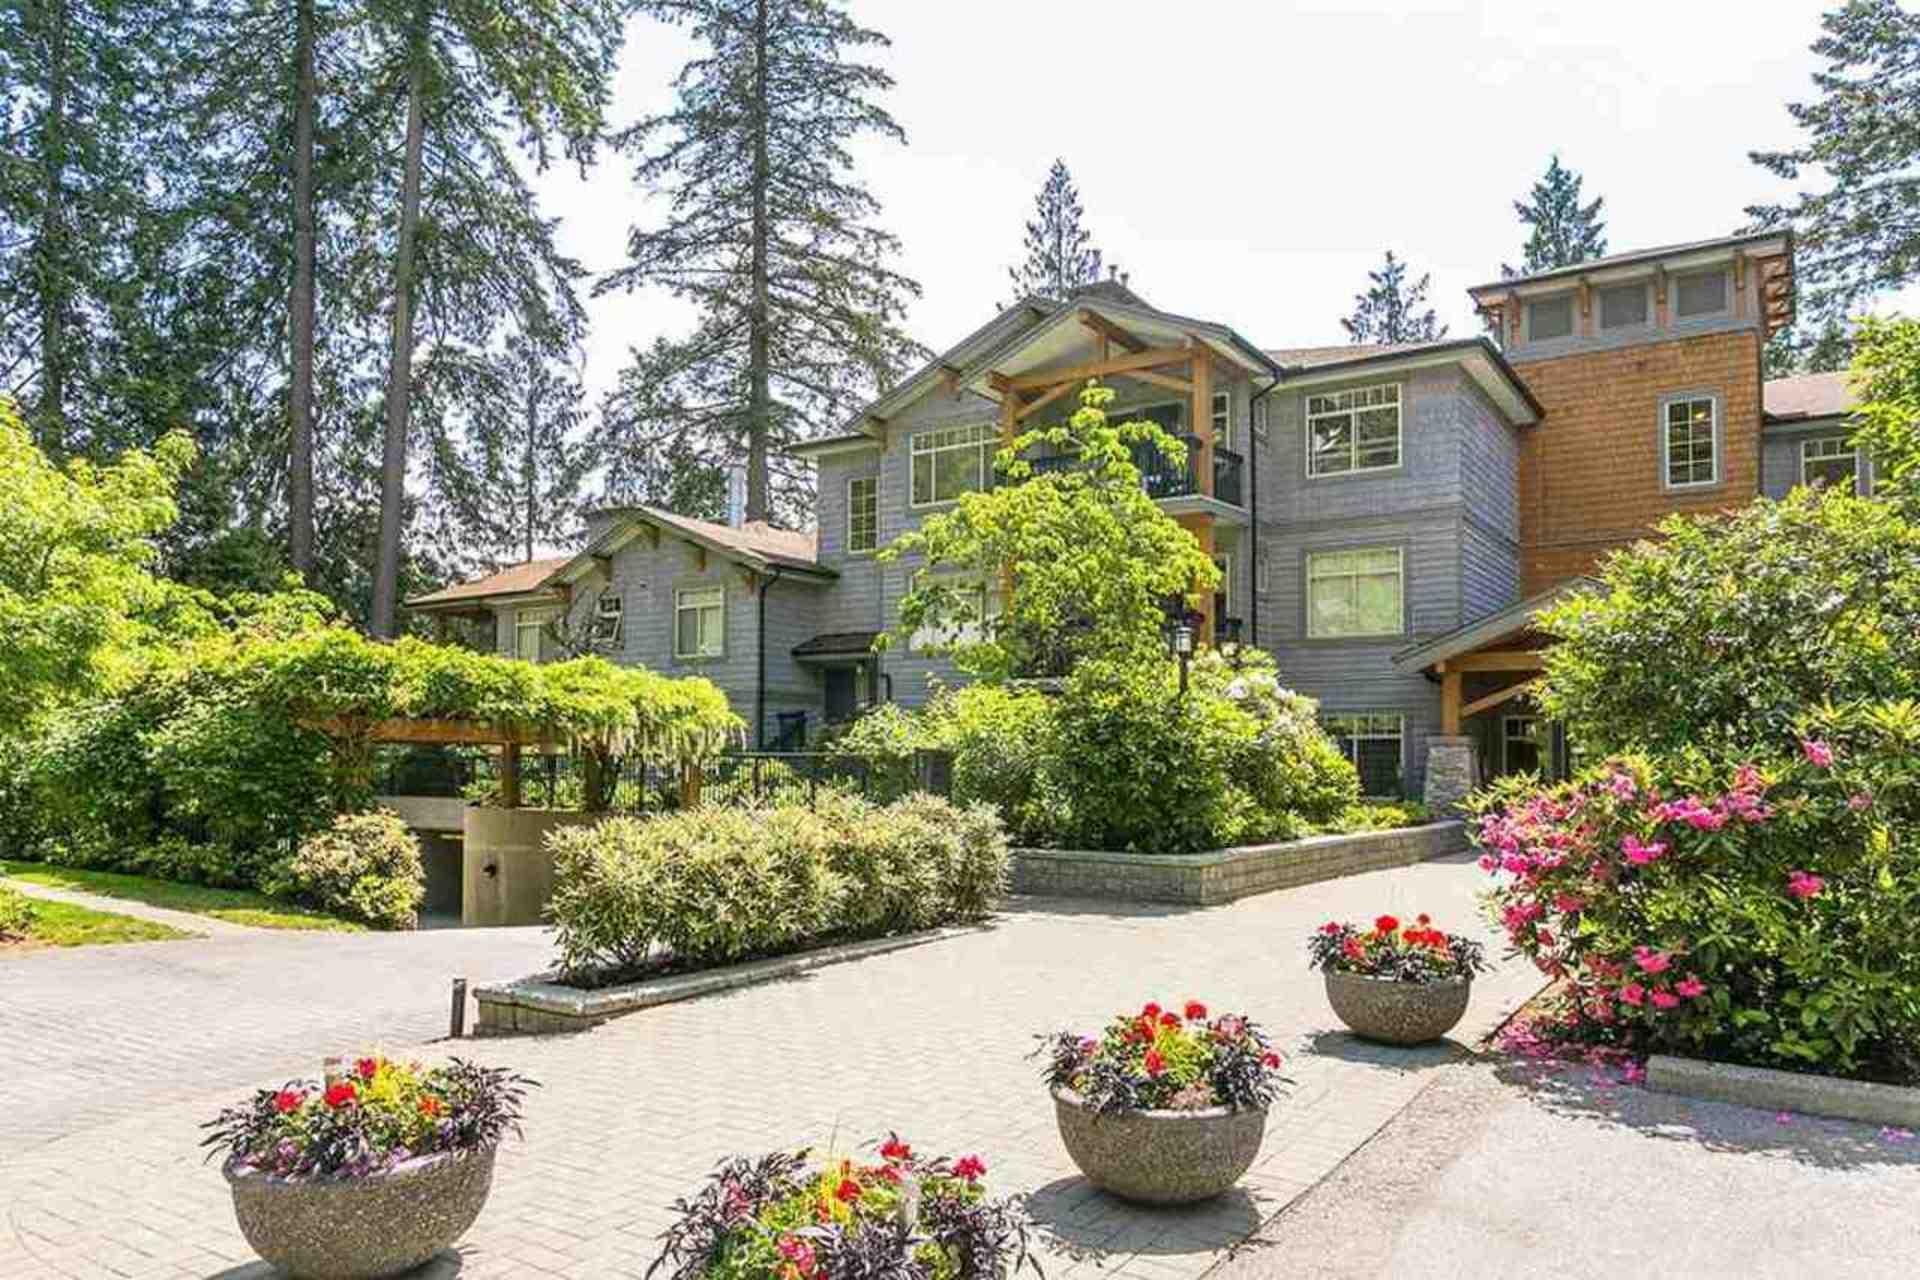 3125-capilano-crescent-capilano-nv-north-vancouver-01 at 109 - 3125 Capilano Crescent, Capilano NV, North Vancouver